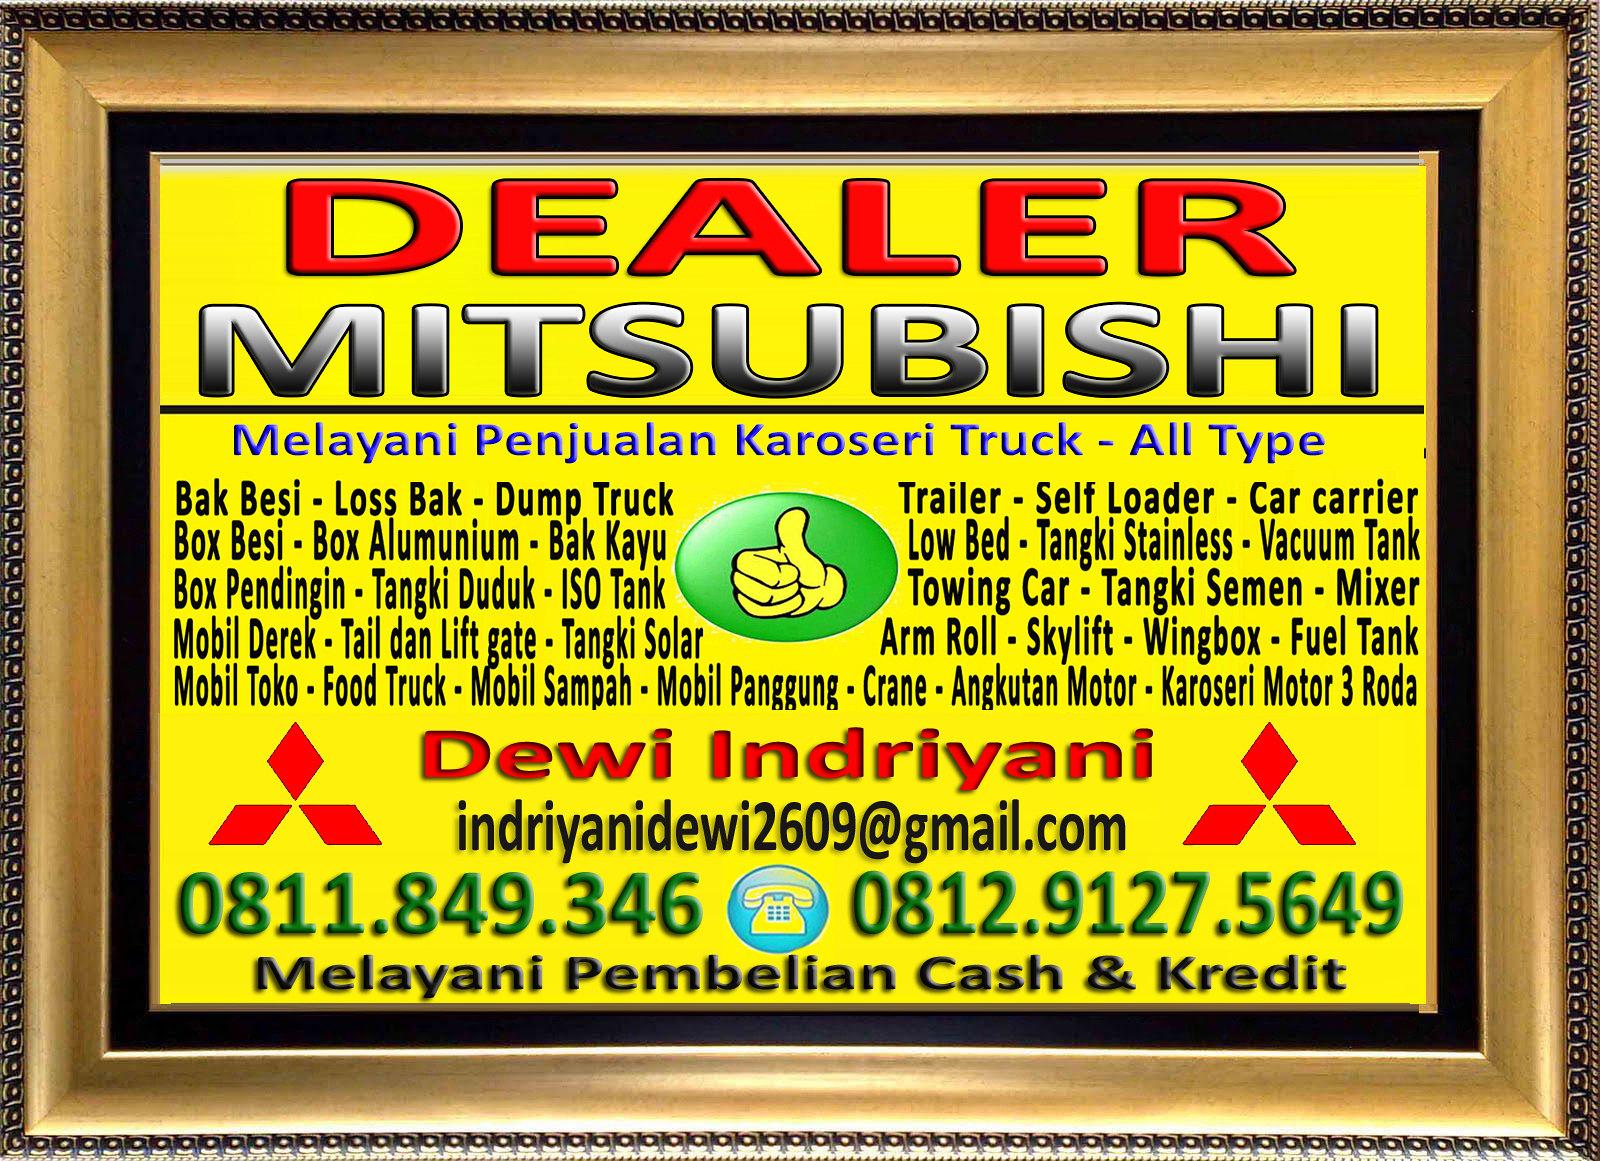 Bingkai Mitsubishi - Dewi